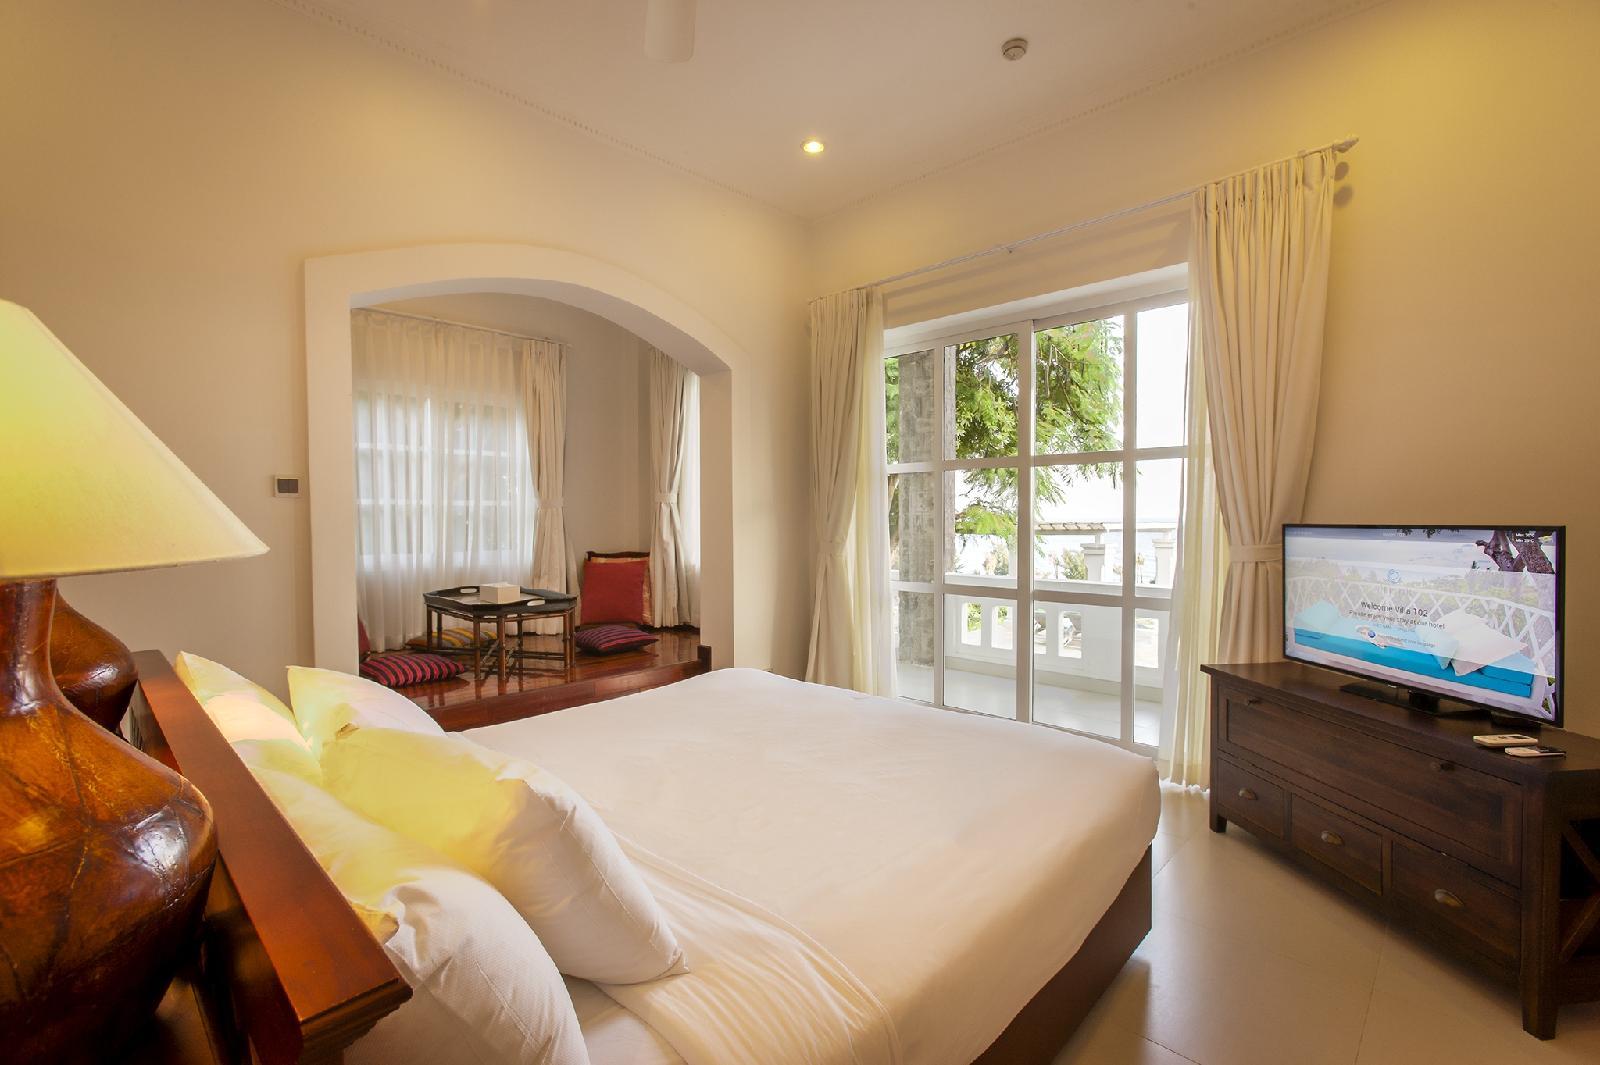 Alma Oasis Resort Long Hai, Vung Tau Image 2